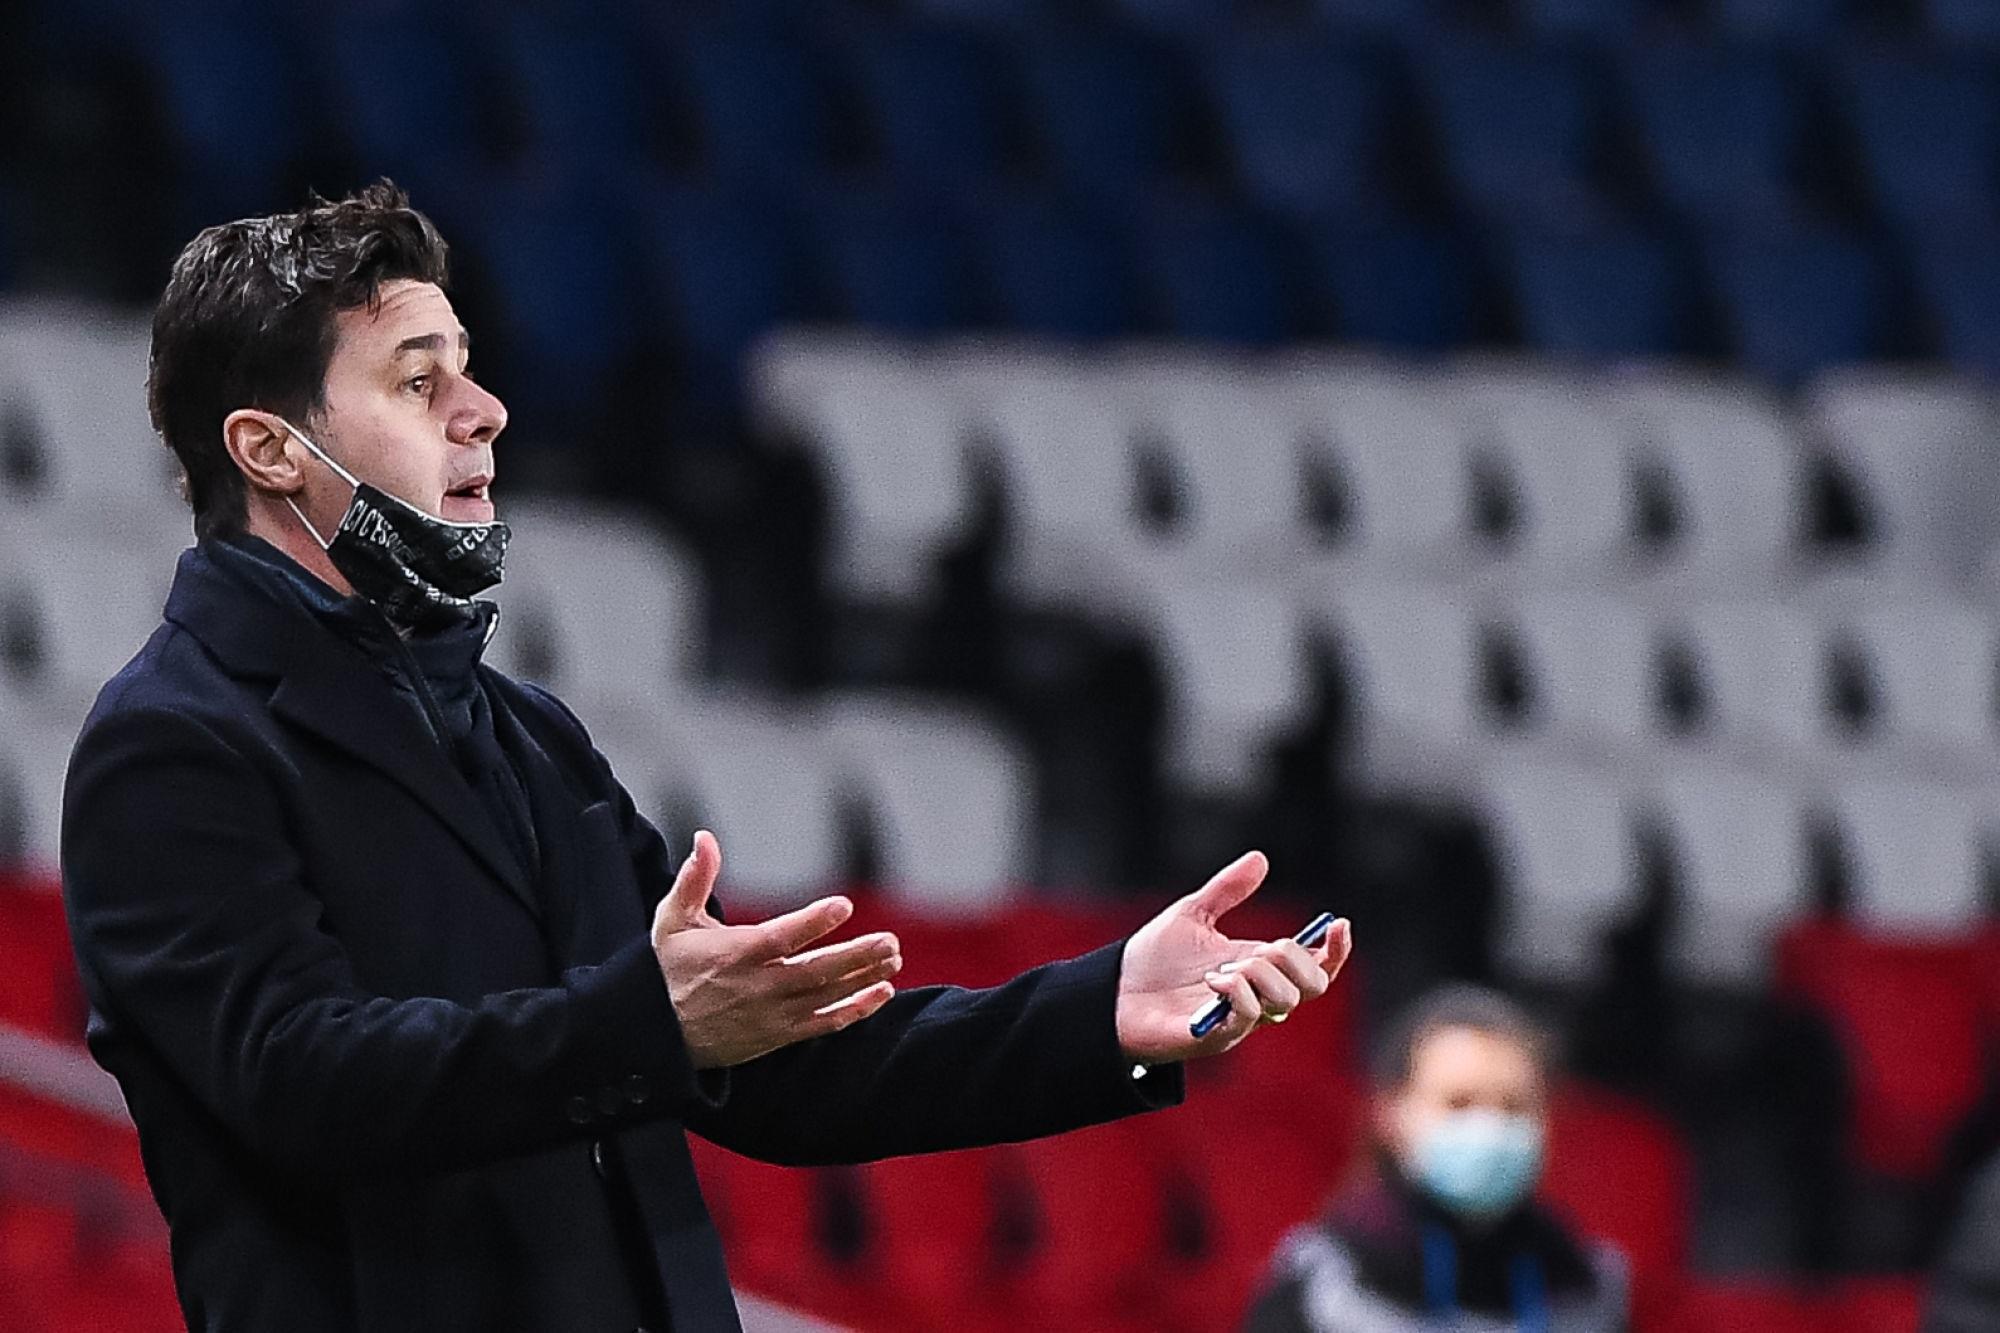 """PSG/Montpellier - Pochettino souligne la victoire et """"l'équipe a besoin de progresser"""""""